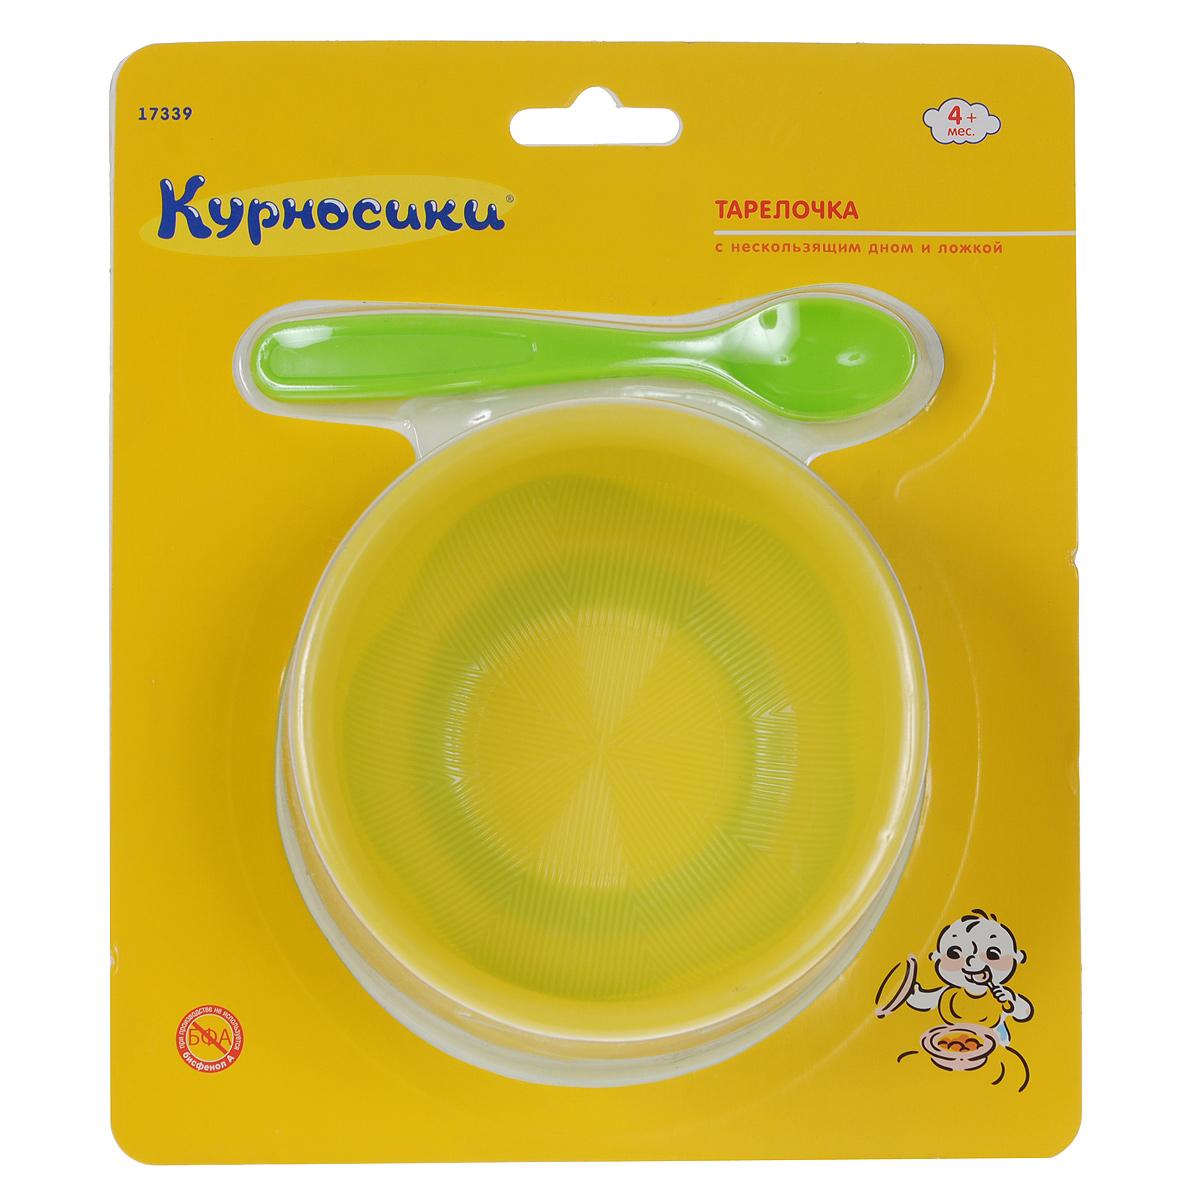 Тарелка Курносики, с нескользящим дном и ложкой, цвет: желтый, салатовый115510Яркая глубокая тарелочка Курносики идеально подойдет для кормления малыша и самостоятельного приема им пищи.Тарелочка выполнена из прочного пищевого пластика. Она подходит для горячей и холодной пищи. Тарелочка имеет нескользящее дно, что очень удобно для малыша и минимизирует проливание на стол. Шероховатое дно тарелки поможет маме растереть крупные кусочки пищи. В комплекте с тарелкой предусмотрена ложечка. Не содержит бисфенол А. Рекомендуемый возраст от 4 месяцев.